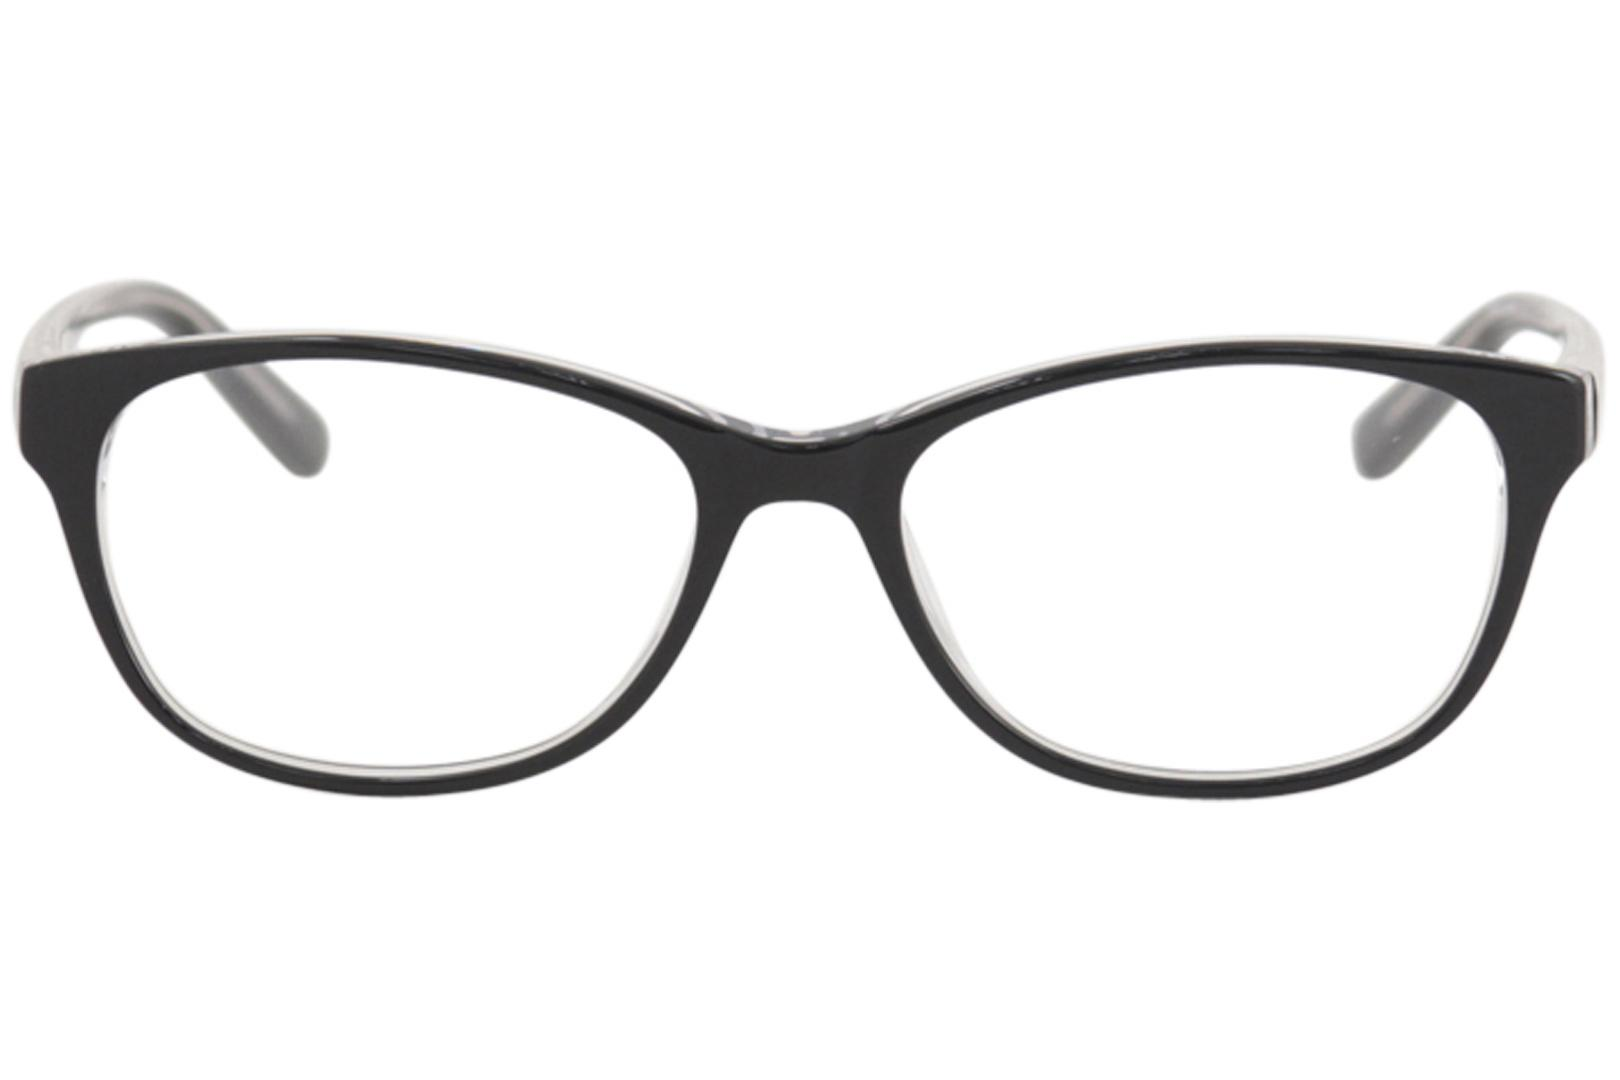 e6b17d24b7c Bebe Women s Sparkle Eyeglasses BB5123 BB 5123 Full Rim Optical Frame by  Bebe. 12345